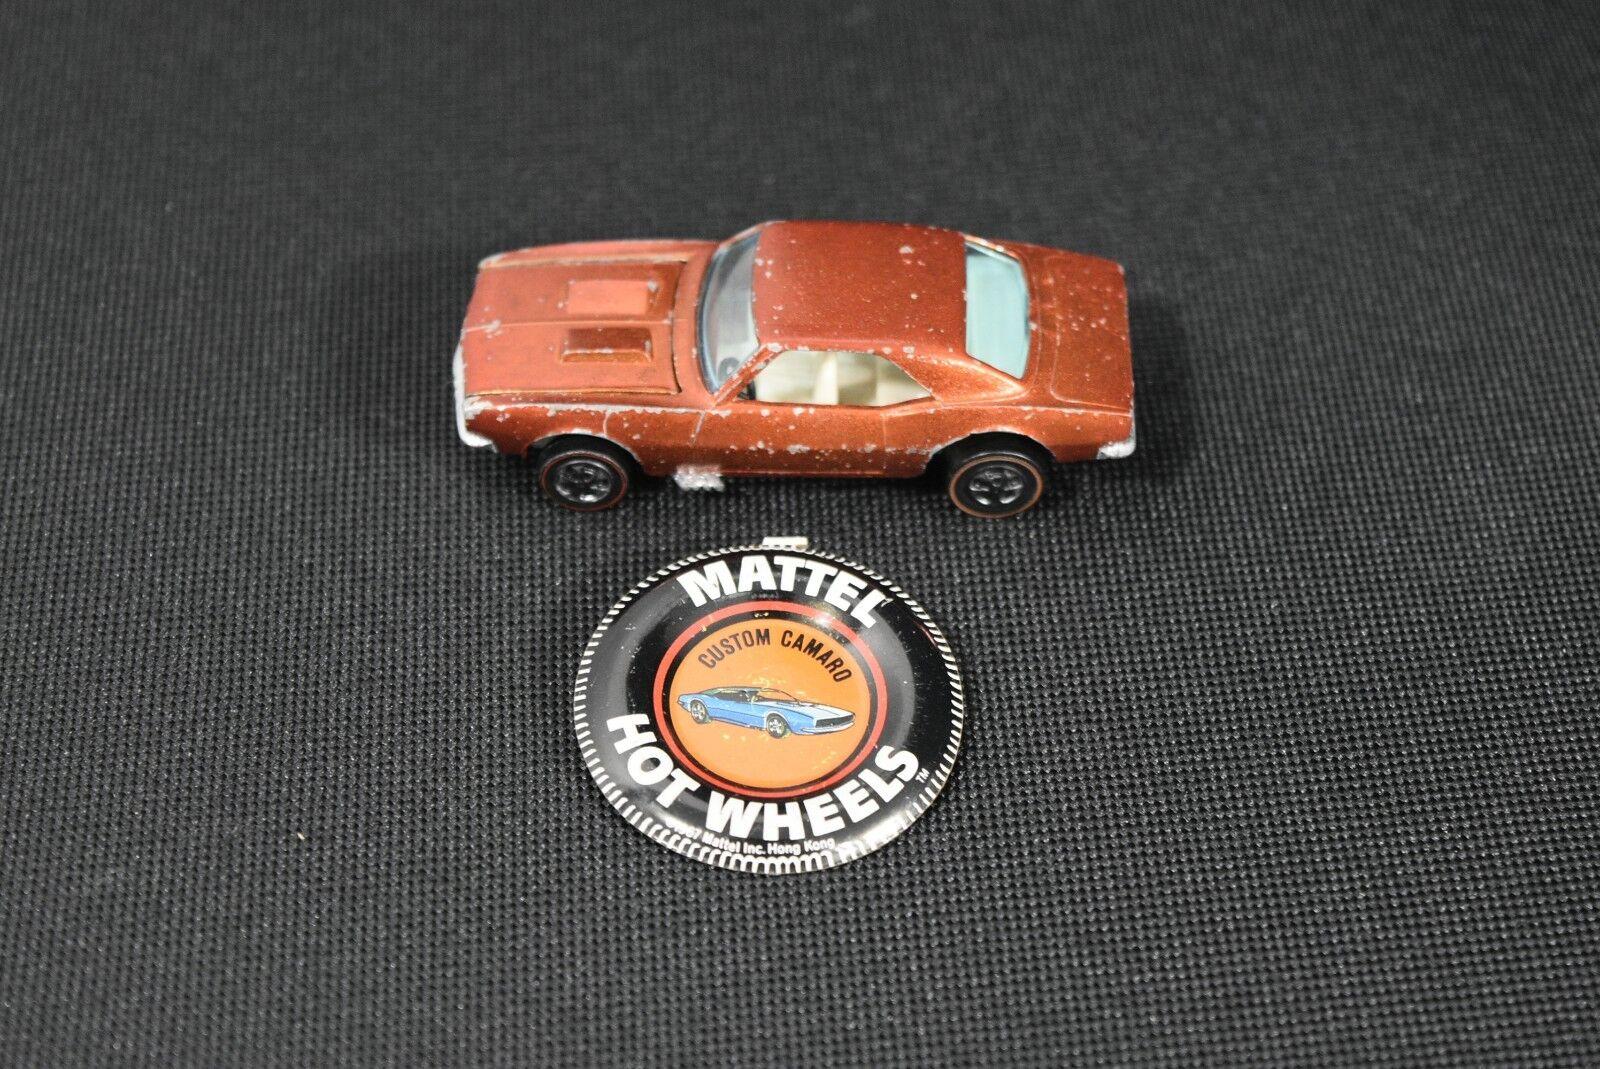 ¡no ser extrañado! Hot Wheels rojoline Personalizado Original 1967 Camaro en en en Color naranja con botón  muchas concesiones